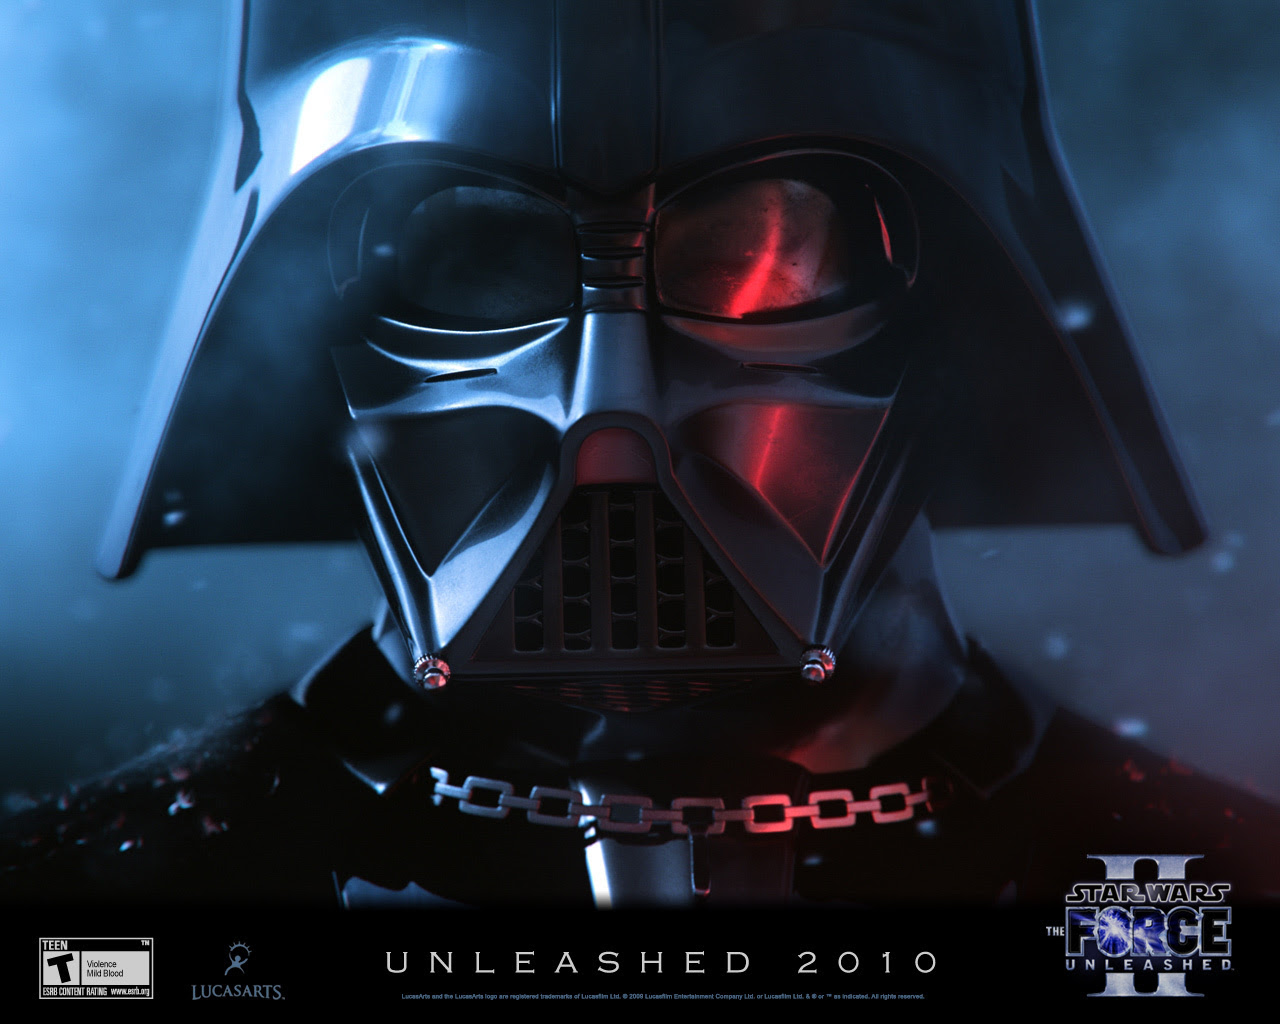 Force Unleashed 2 Star Wars Wallpaper 17136936 Fanpop